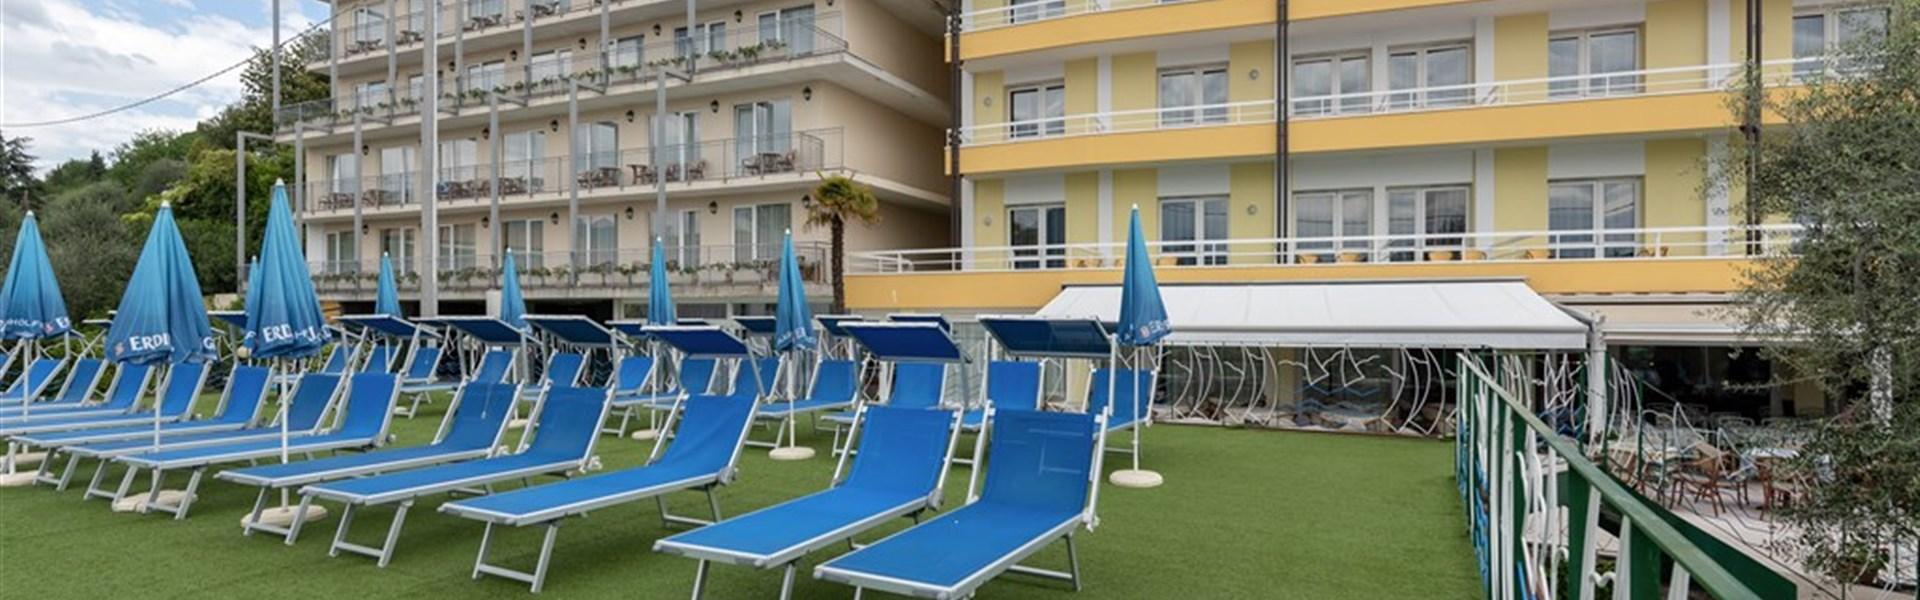 Marco Polo - Hotel Internazionale -